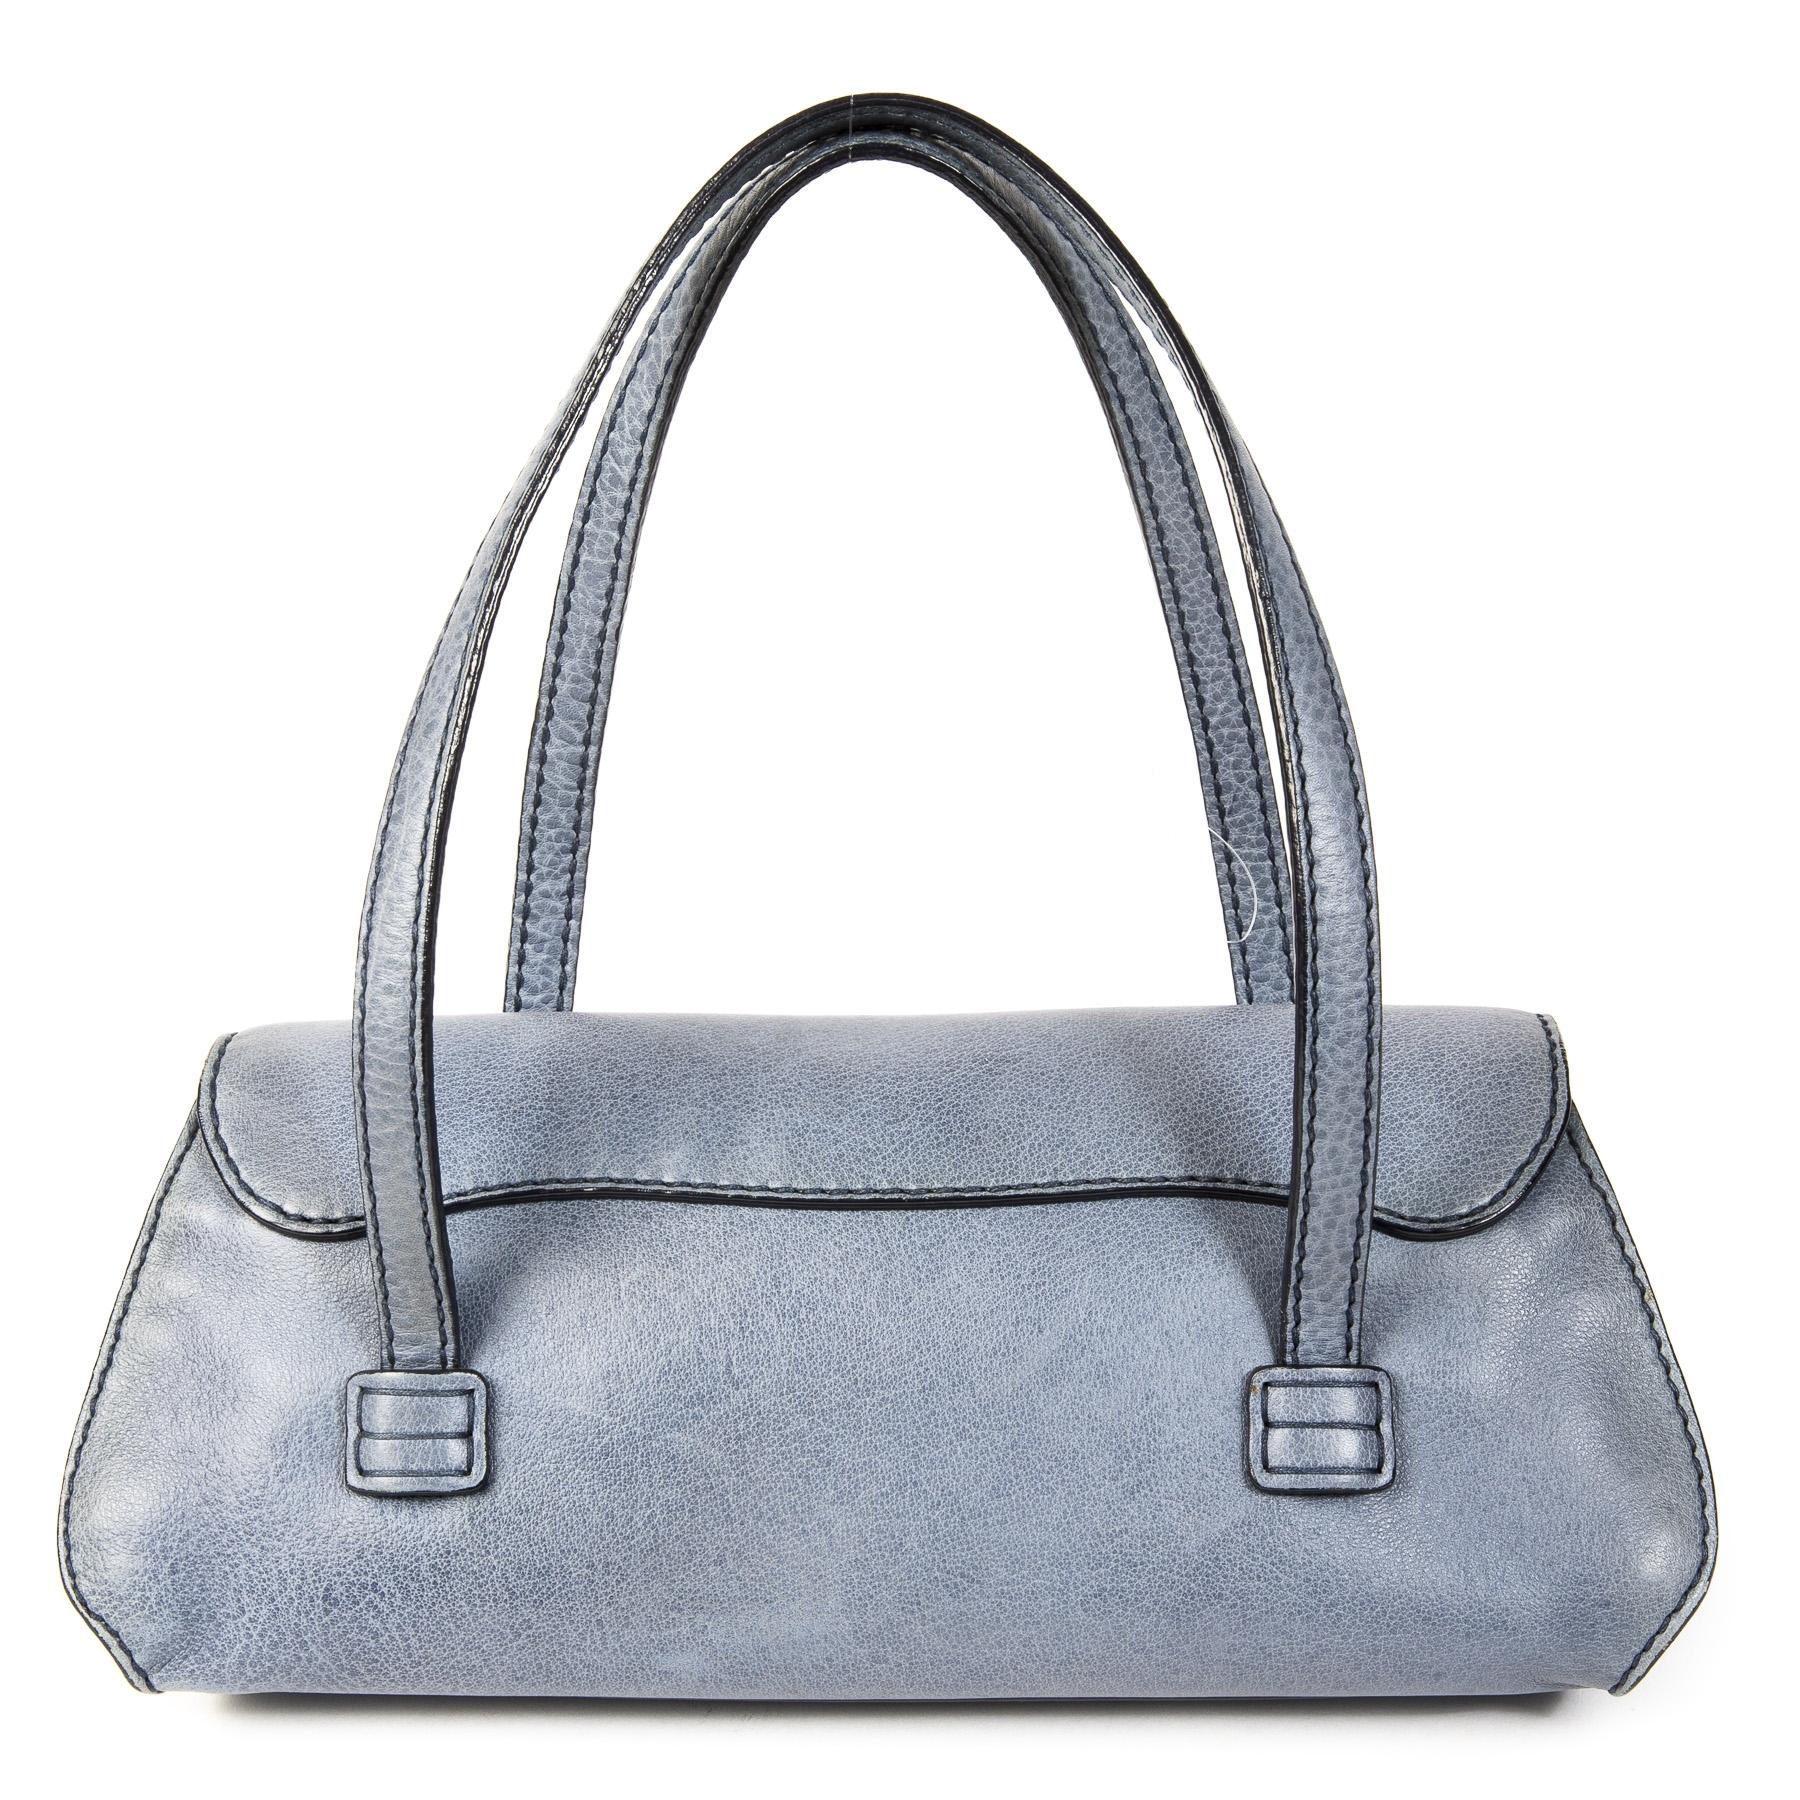 Authentieke Tweedehands Tods Blue Leather Shoulder Bag juiste prijs veilig online shoppen luxe merken webshop winkelen Antwerpen België mode fashion